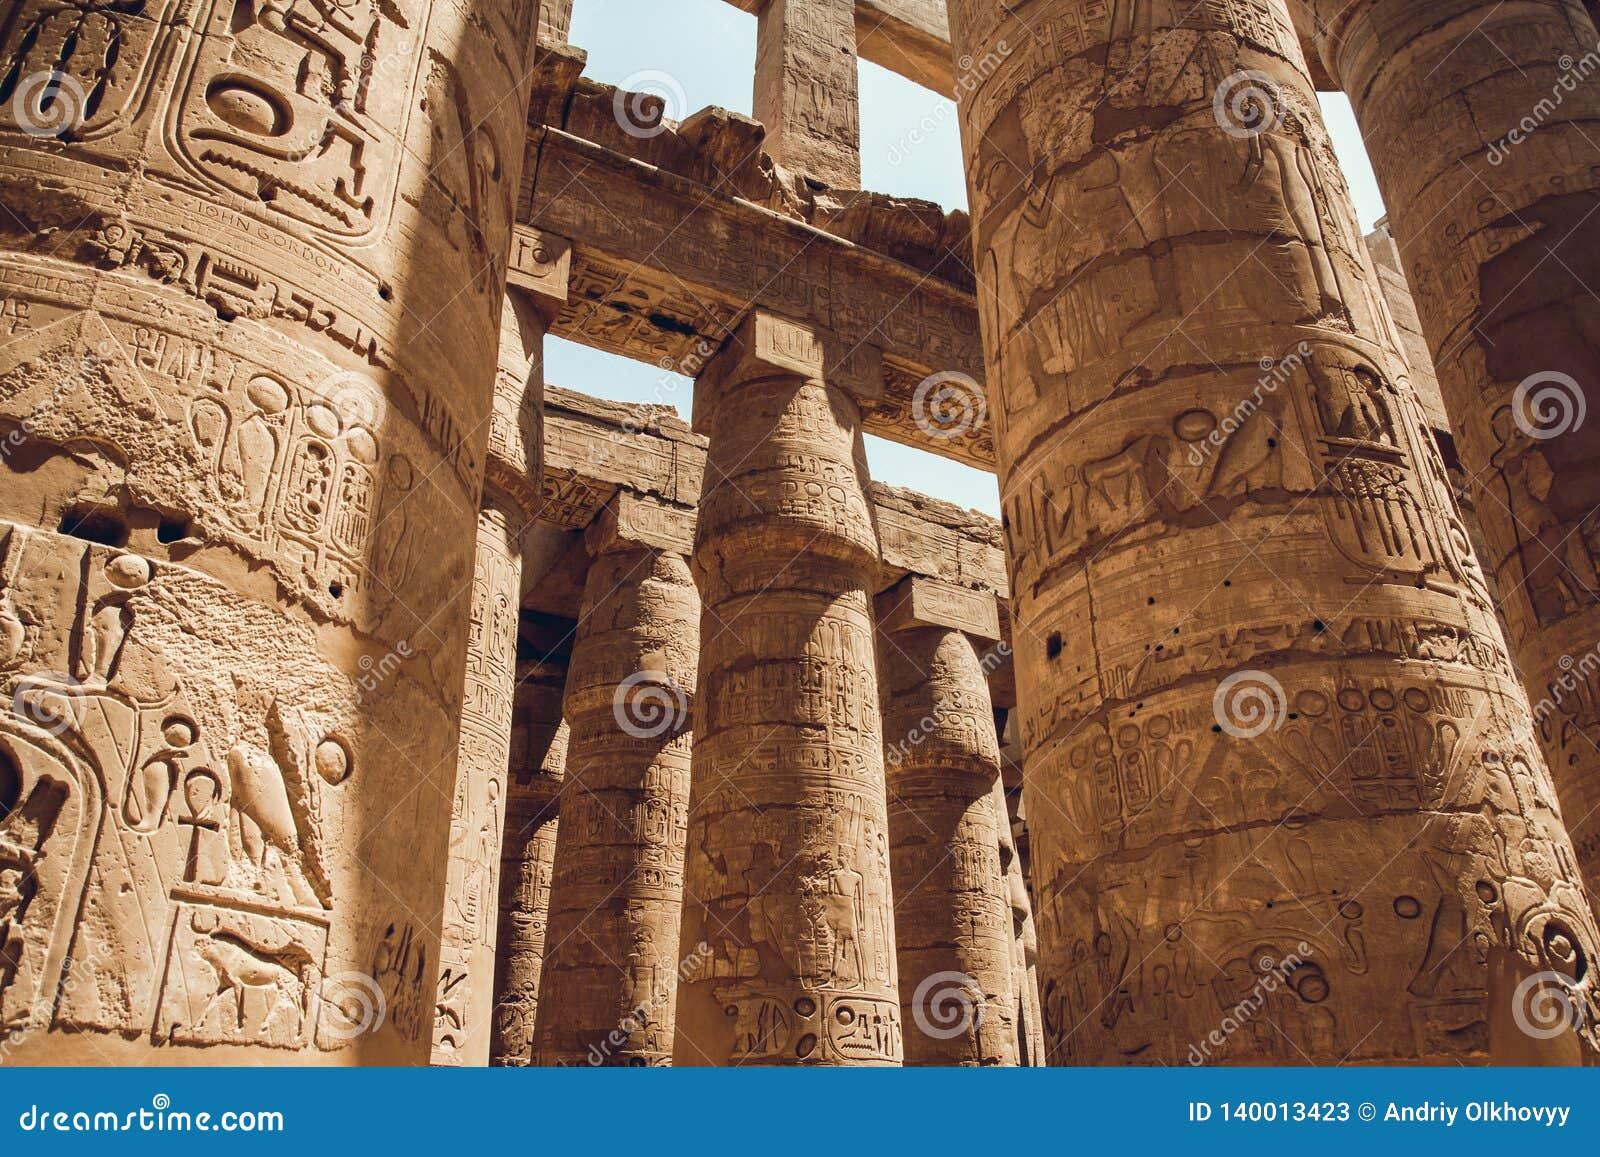 Colonnes avec des hiéroglyphes dans le temple de Karnak à Louxor, Egypte Voyage